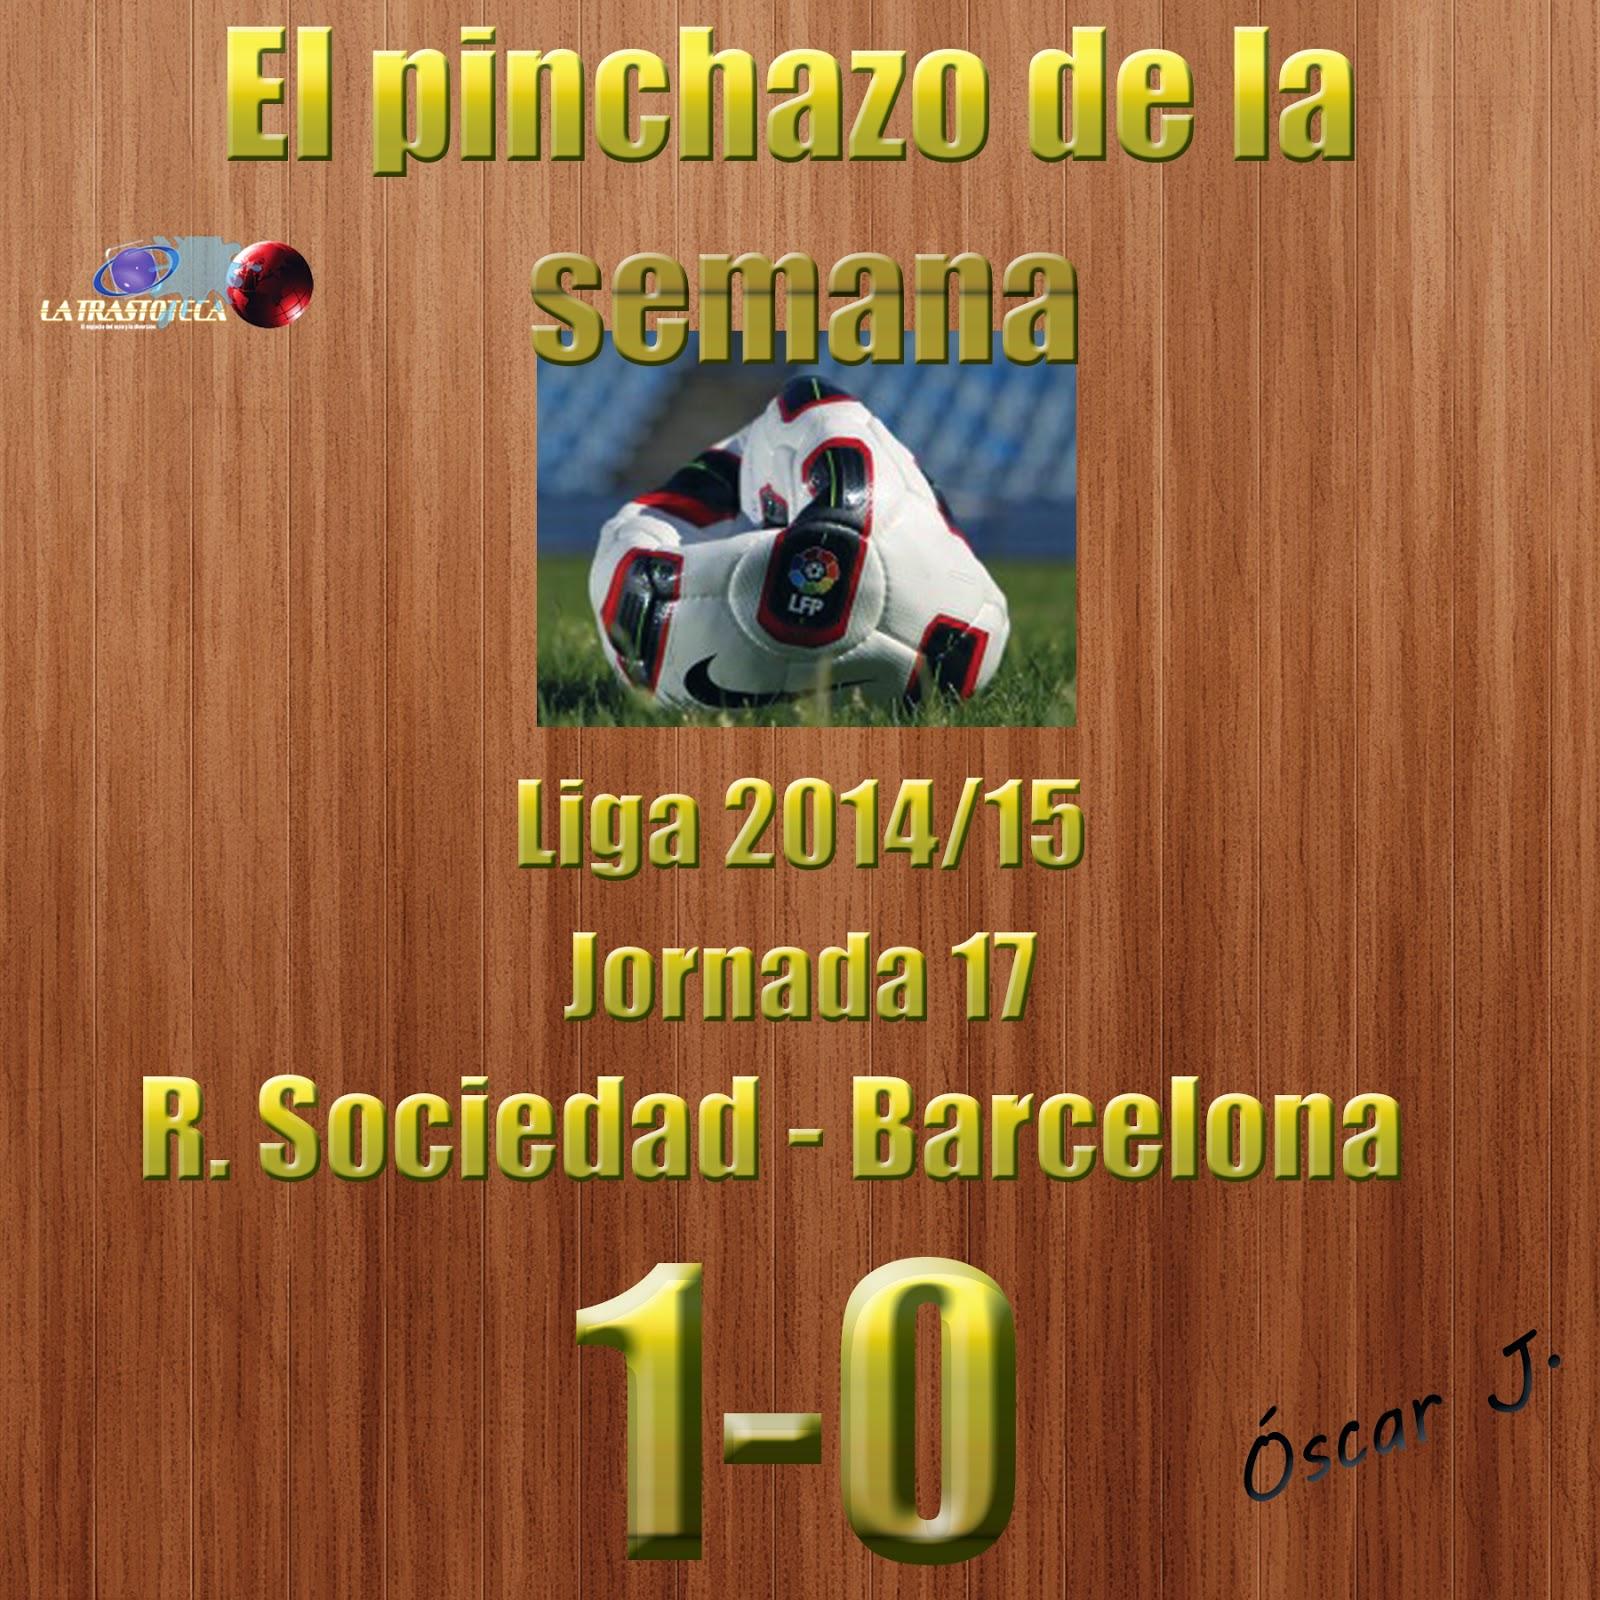 R. Sociedad 1-0 Barcelona. Liga 2014/15 - Jornada 17. El pinchazo de la semana.